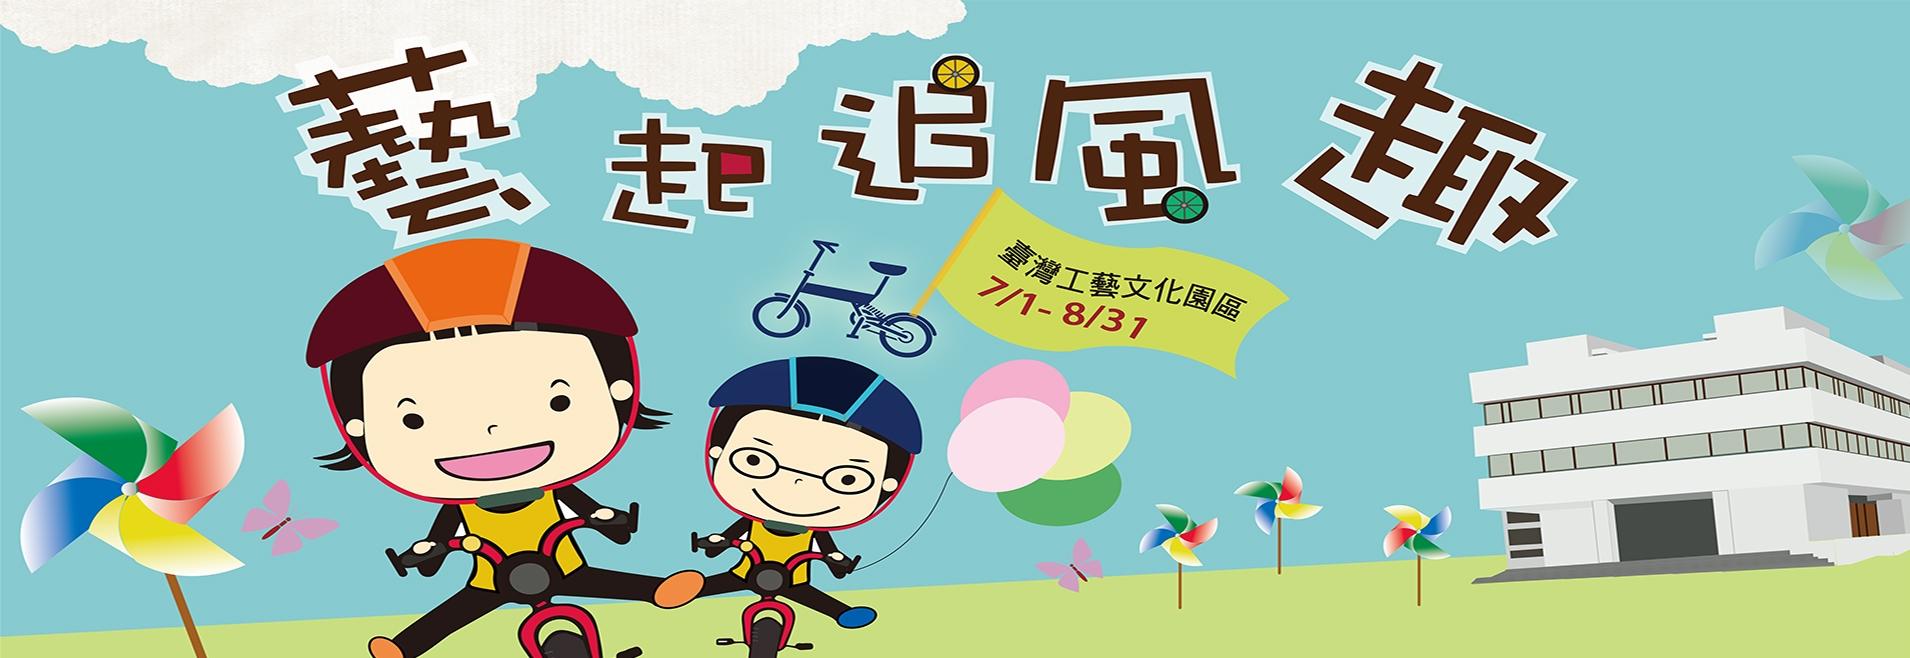 藝起追風趣活動!歡迎分享給騎自行車到處跑的朋友哦~[另開新視窗]